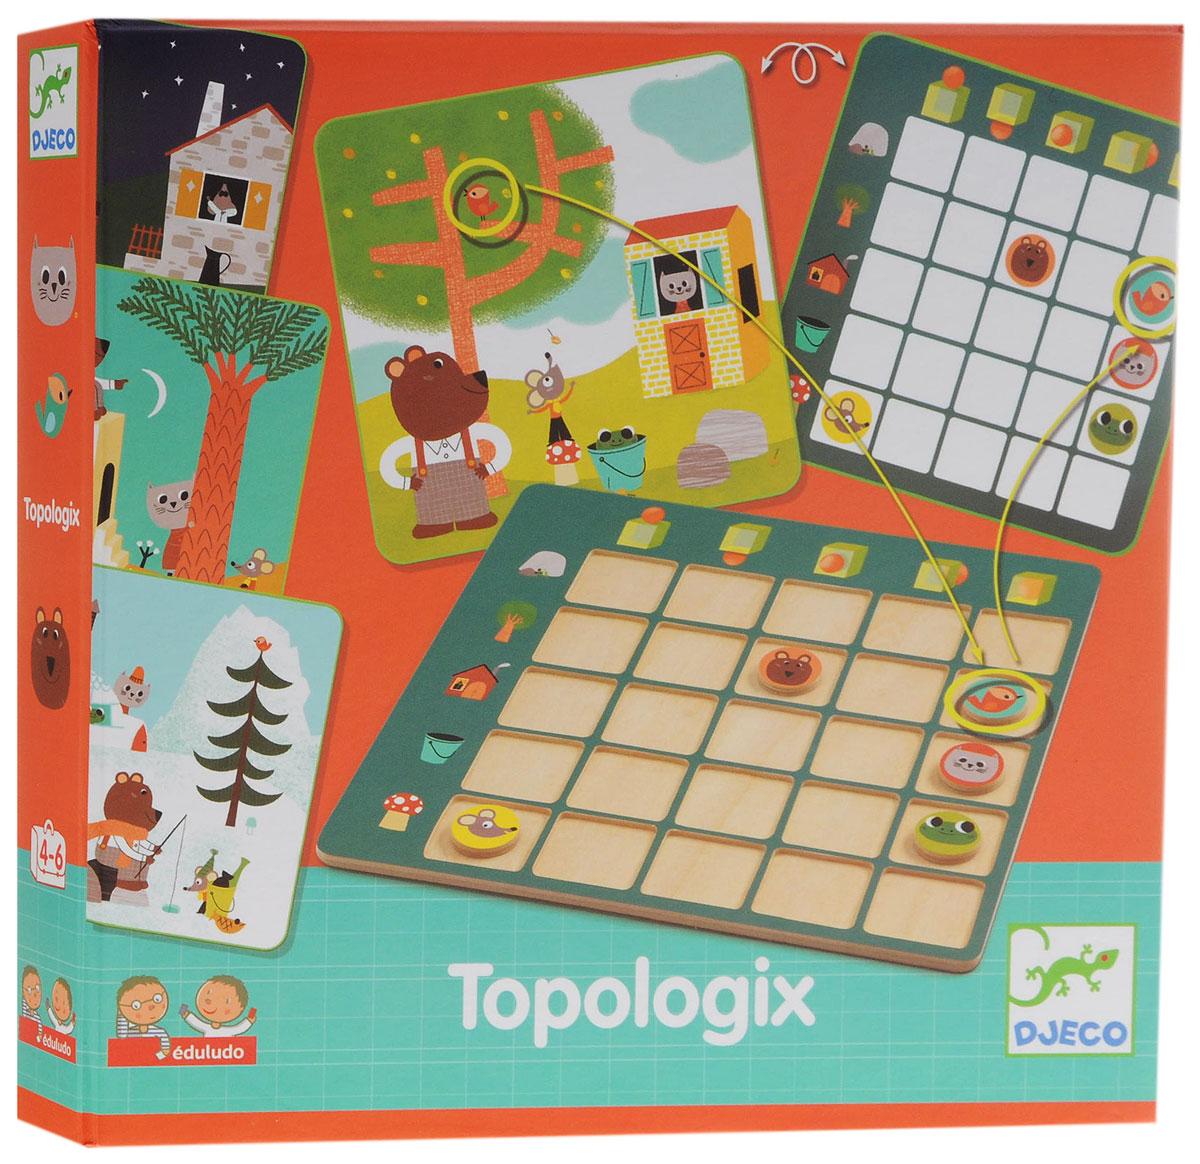 Djeco Обучающая игра Топологик08354Обучающая игра Djeco Топологик - превосходная игра на логику, которая надолго увлечет малыша. В набор входят красочные интересные карточки, а также игровое поле с фишками. На фишках изображены те же персонажи, что на карточках. Смысл игры состоит в том, чтобы расположить фишки на игровом поле согласно положению животных на карточке. Малышу будет очень интересно рассматривать яркие забавные изображения на карточках, определять где находятся персонажи и раскладывать фишки на игровом поле. Игра прекрасно развивает логическое мышление и сообразительность, тренирует моторику детских ручек и учит малыша внимательности и усидчивости. Все детали изготовлены из высококачественных материалов.